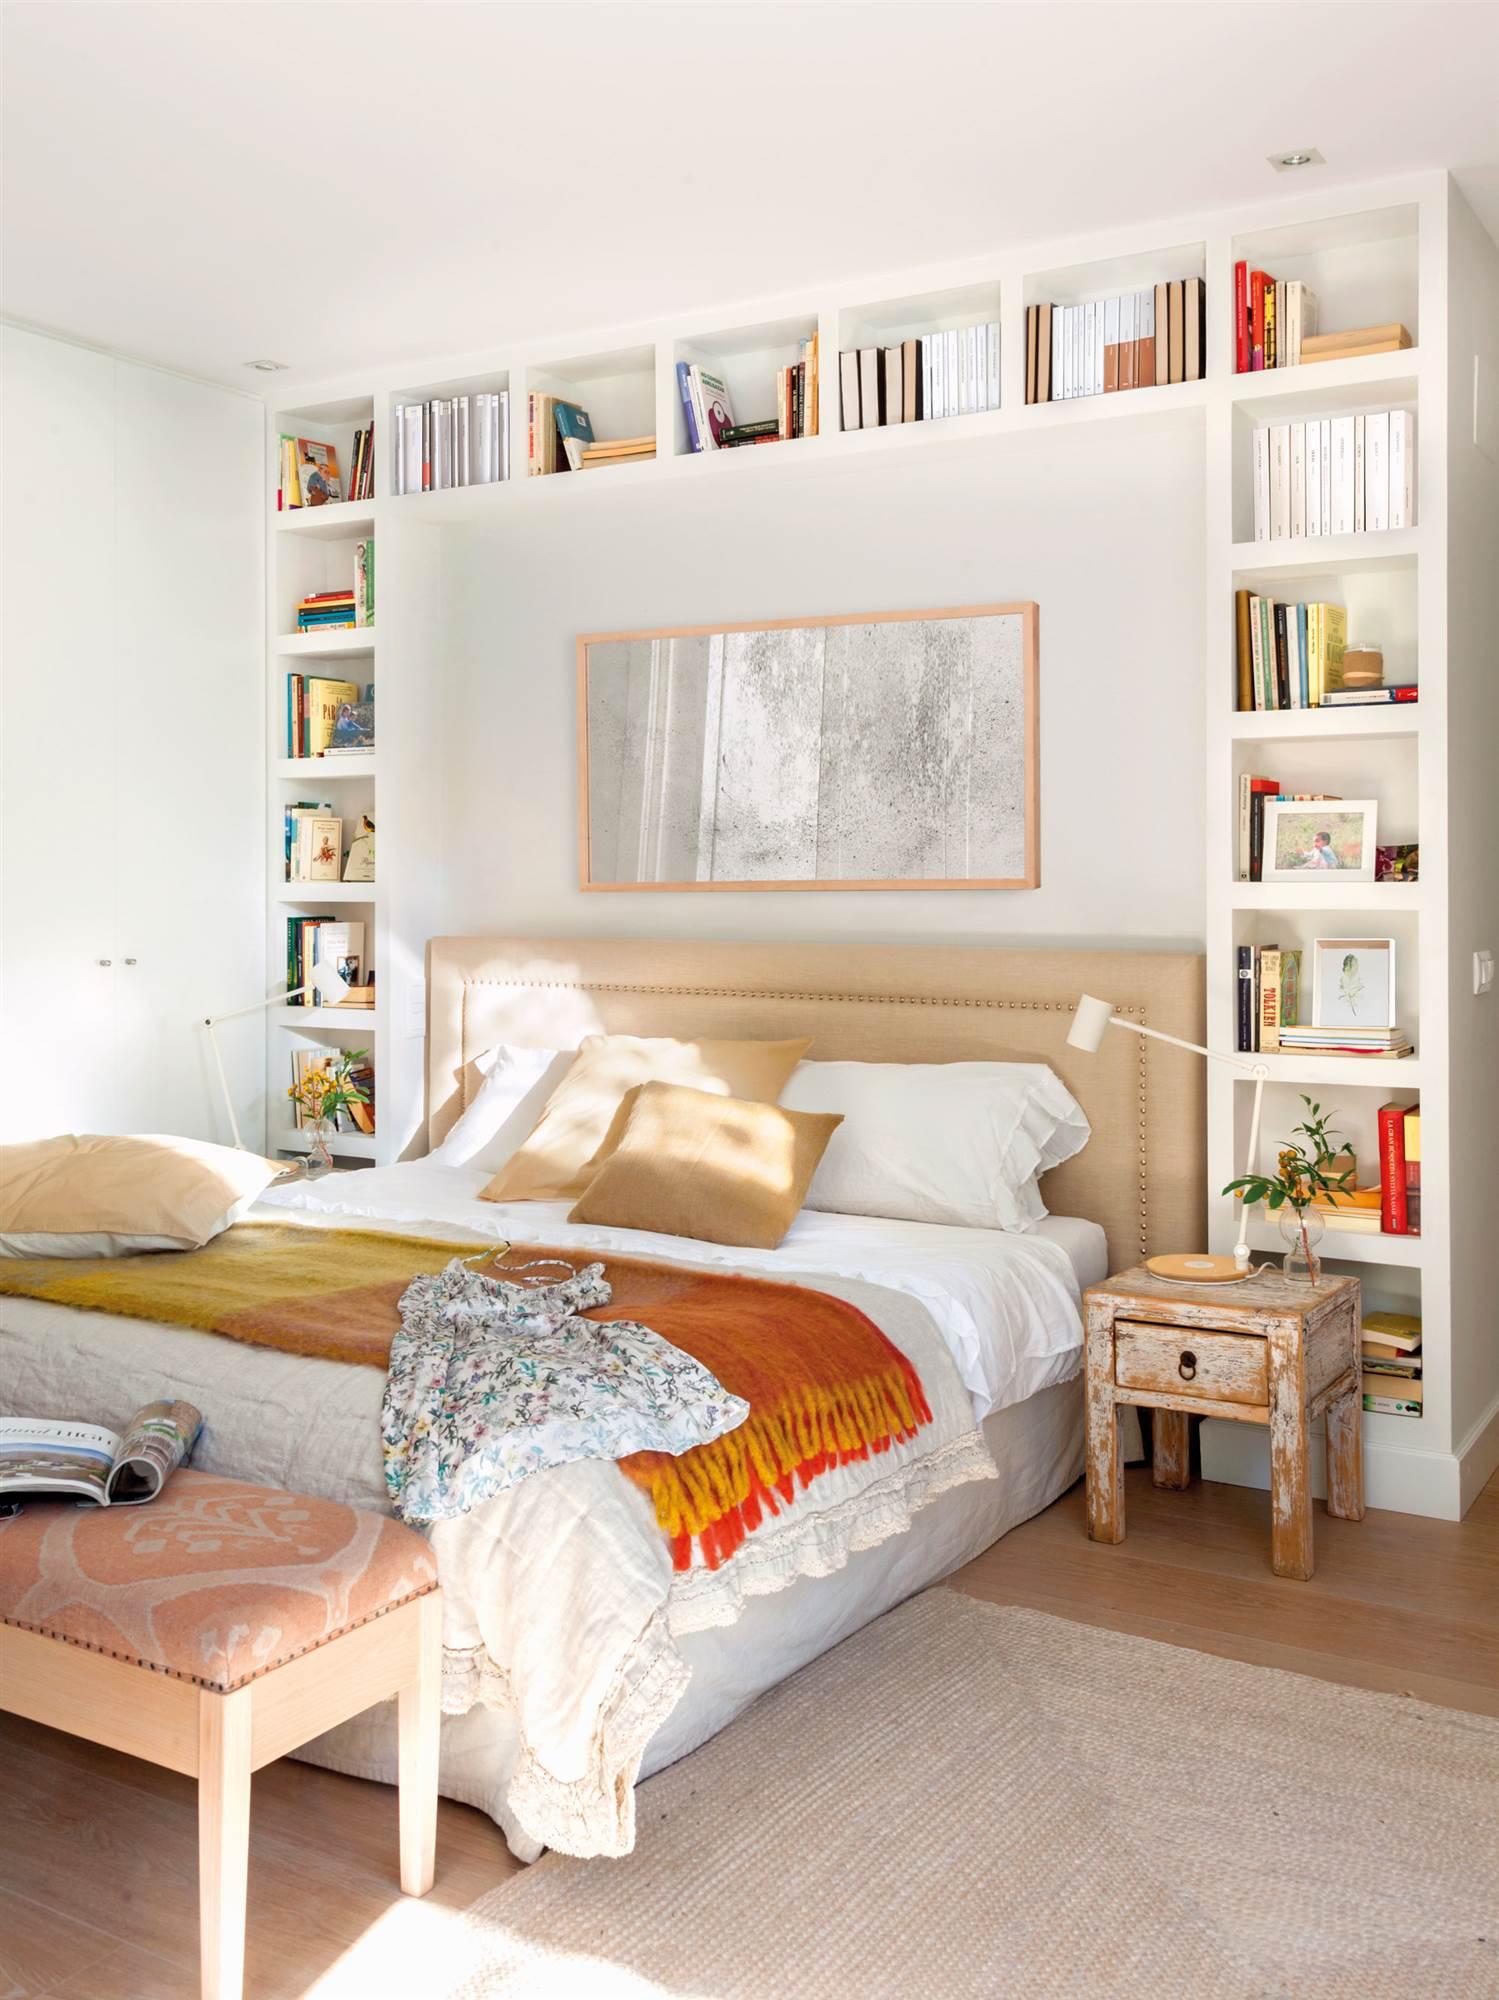 2669 Fotos de Dormitorios